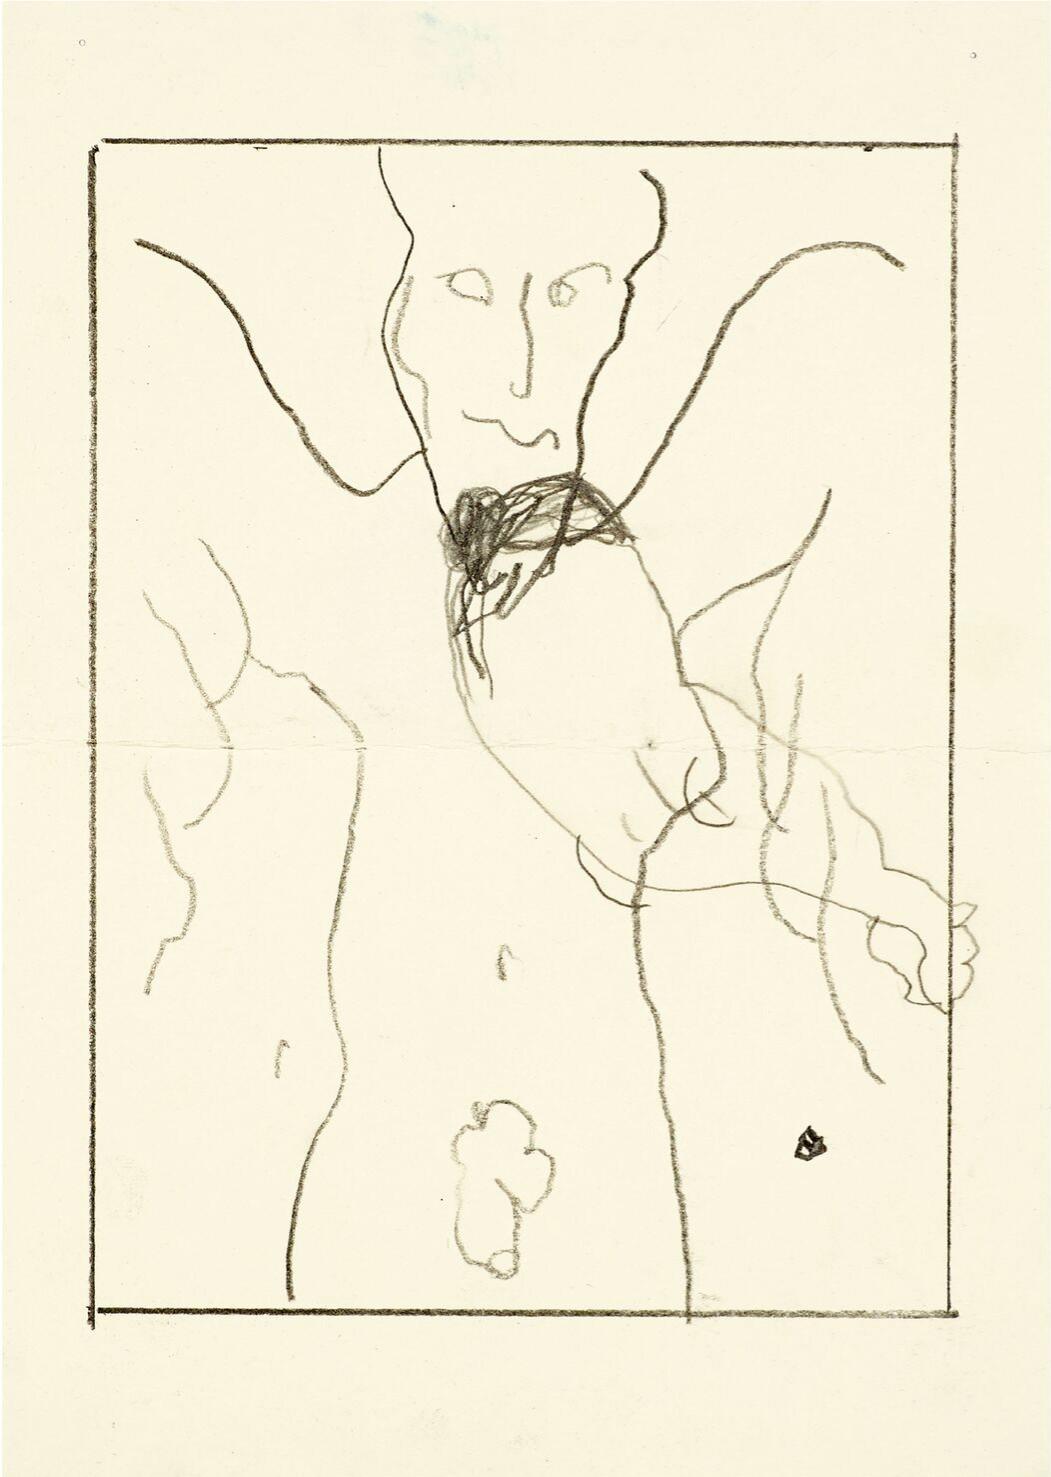 « Untitled » (2018) (c)Joe Bradley, Plus connu pour ses grandes toiles de peinture aux vifs contrastes d'aplats, de formes et de couleurs, l'artiste américain Joe Bradley est avant tout un dessinateur. L'intérêt pour le dessin remonte à sa jeunesse passée sur la côte est des Etats-Unis dans les années 1980 et 1990, au contact d'une culture underground symbolisée notamment par ses « comix », des bandes dessinées aux contenus provocateurs et satiriques. De fortes infuences qui ponctuent la série de récents dessins (2016-2018) sélectionnés par l'artiste pour une exposition à voir chez Gagosian jusqu'au 28 juillet. parLucia VON GUNTEN, go out magazine juin 2018